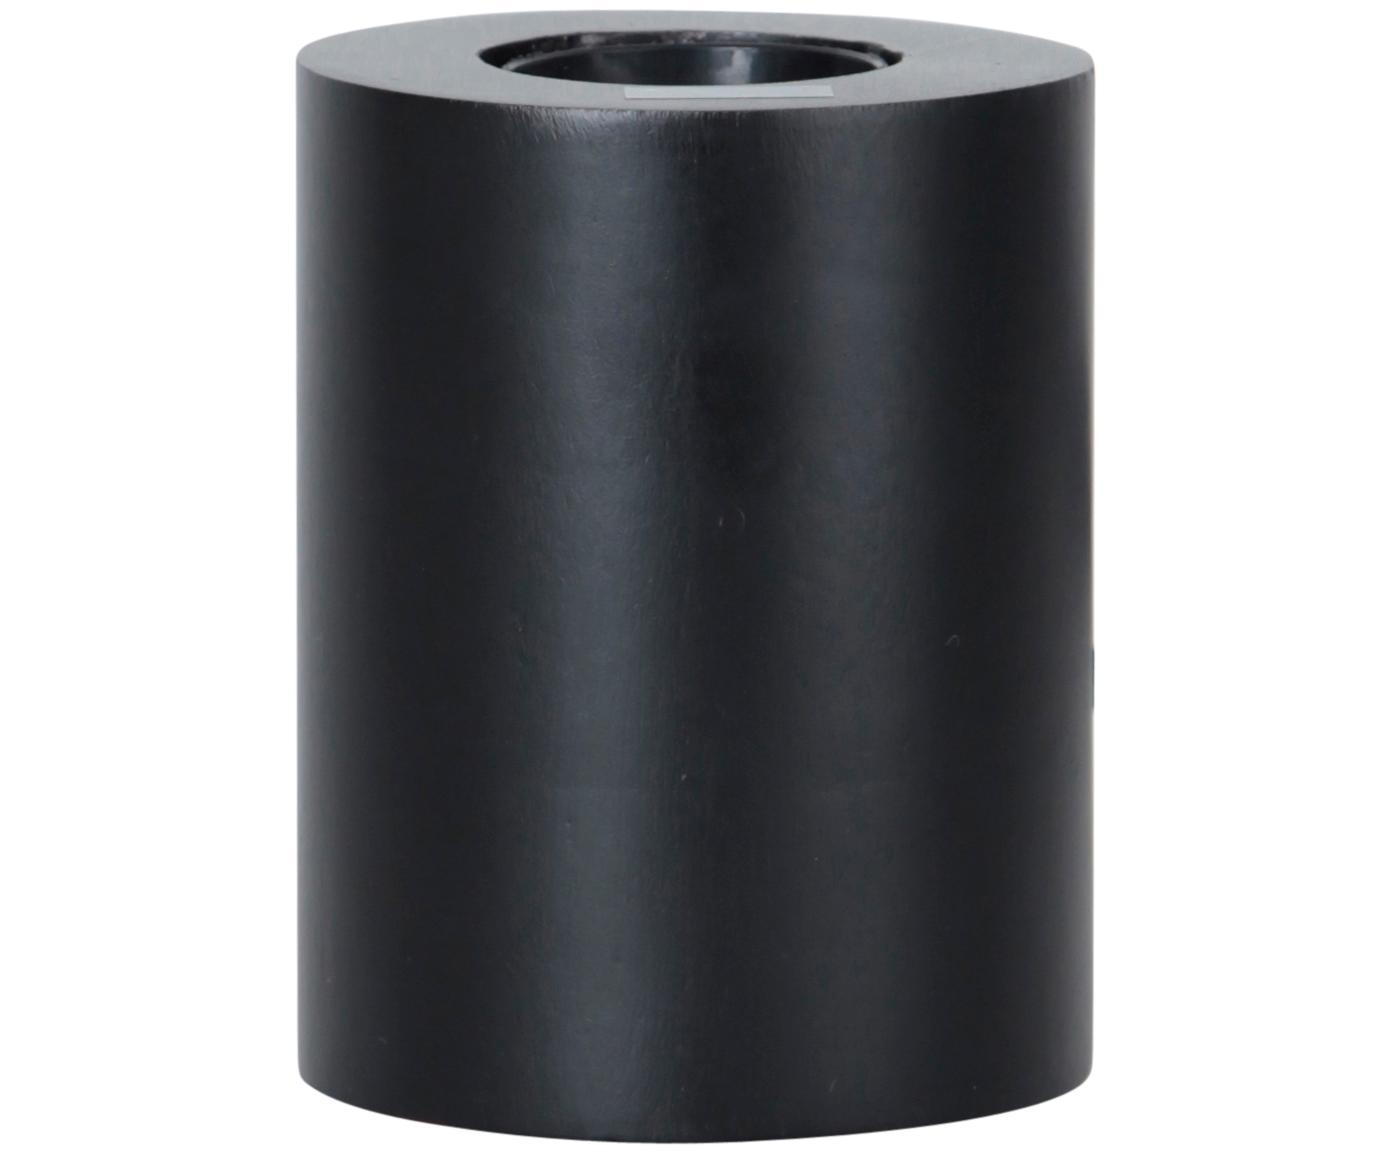 Kleine Tischleuchte Tub, Leuchte: Holz, beschichtet, Schwarz, Ø 8 x H 10 cm